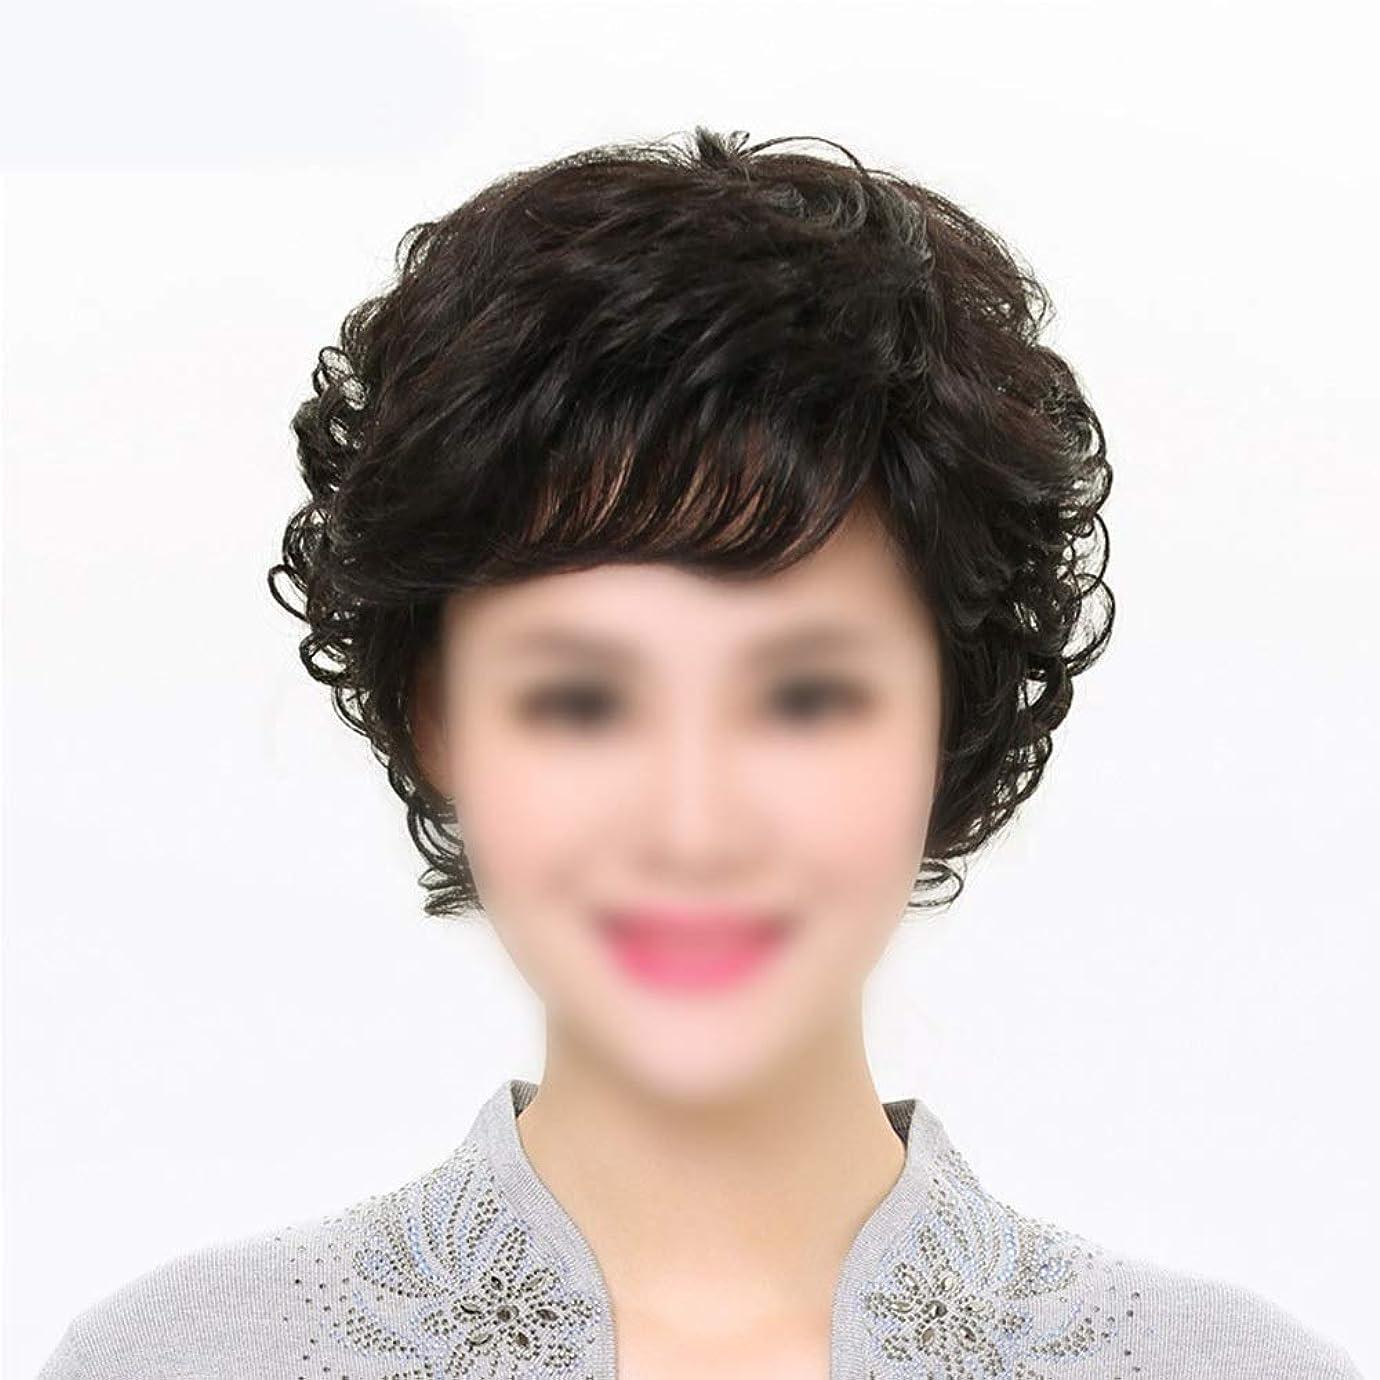 核無実調停するかつら 母のかつらのための前髪付き女性のリアルヘアショートカーリーヘアー中年かつらファッションウィッグ (色 : 黒, Edition : Mechanism)